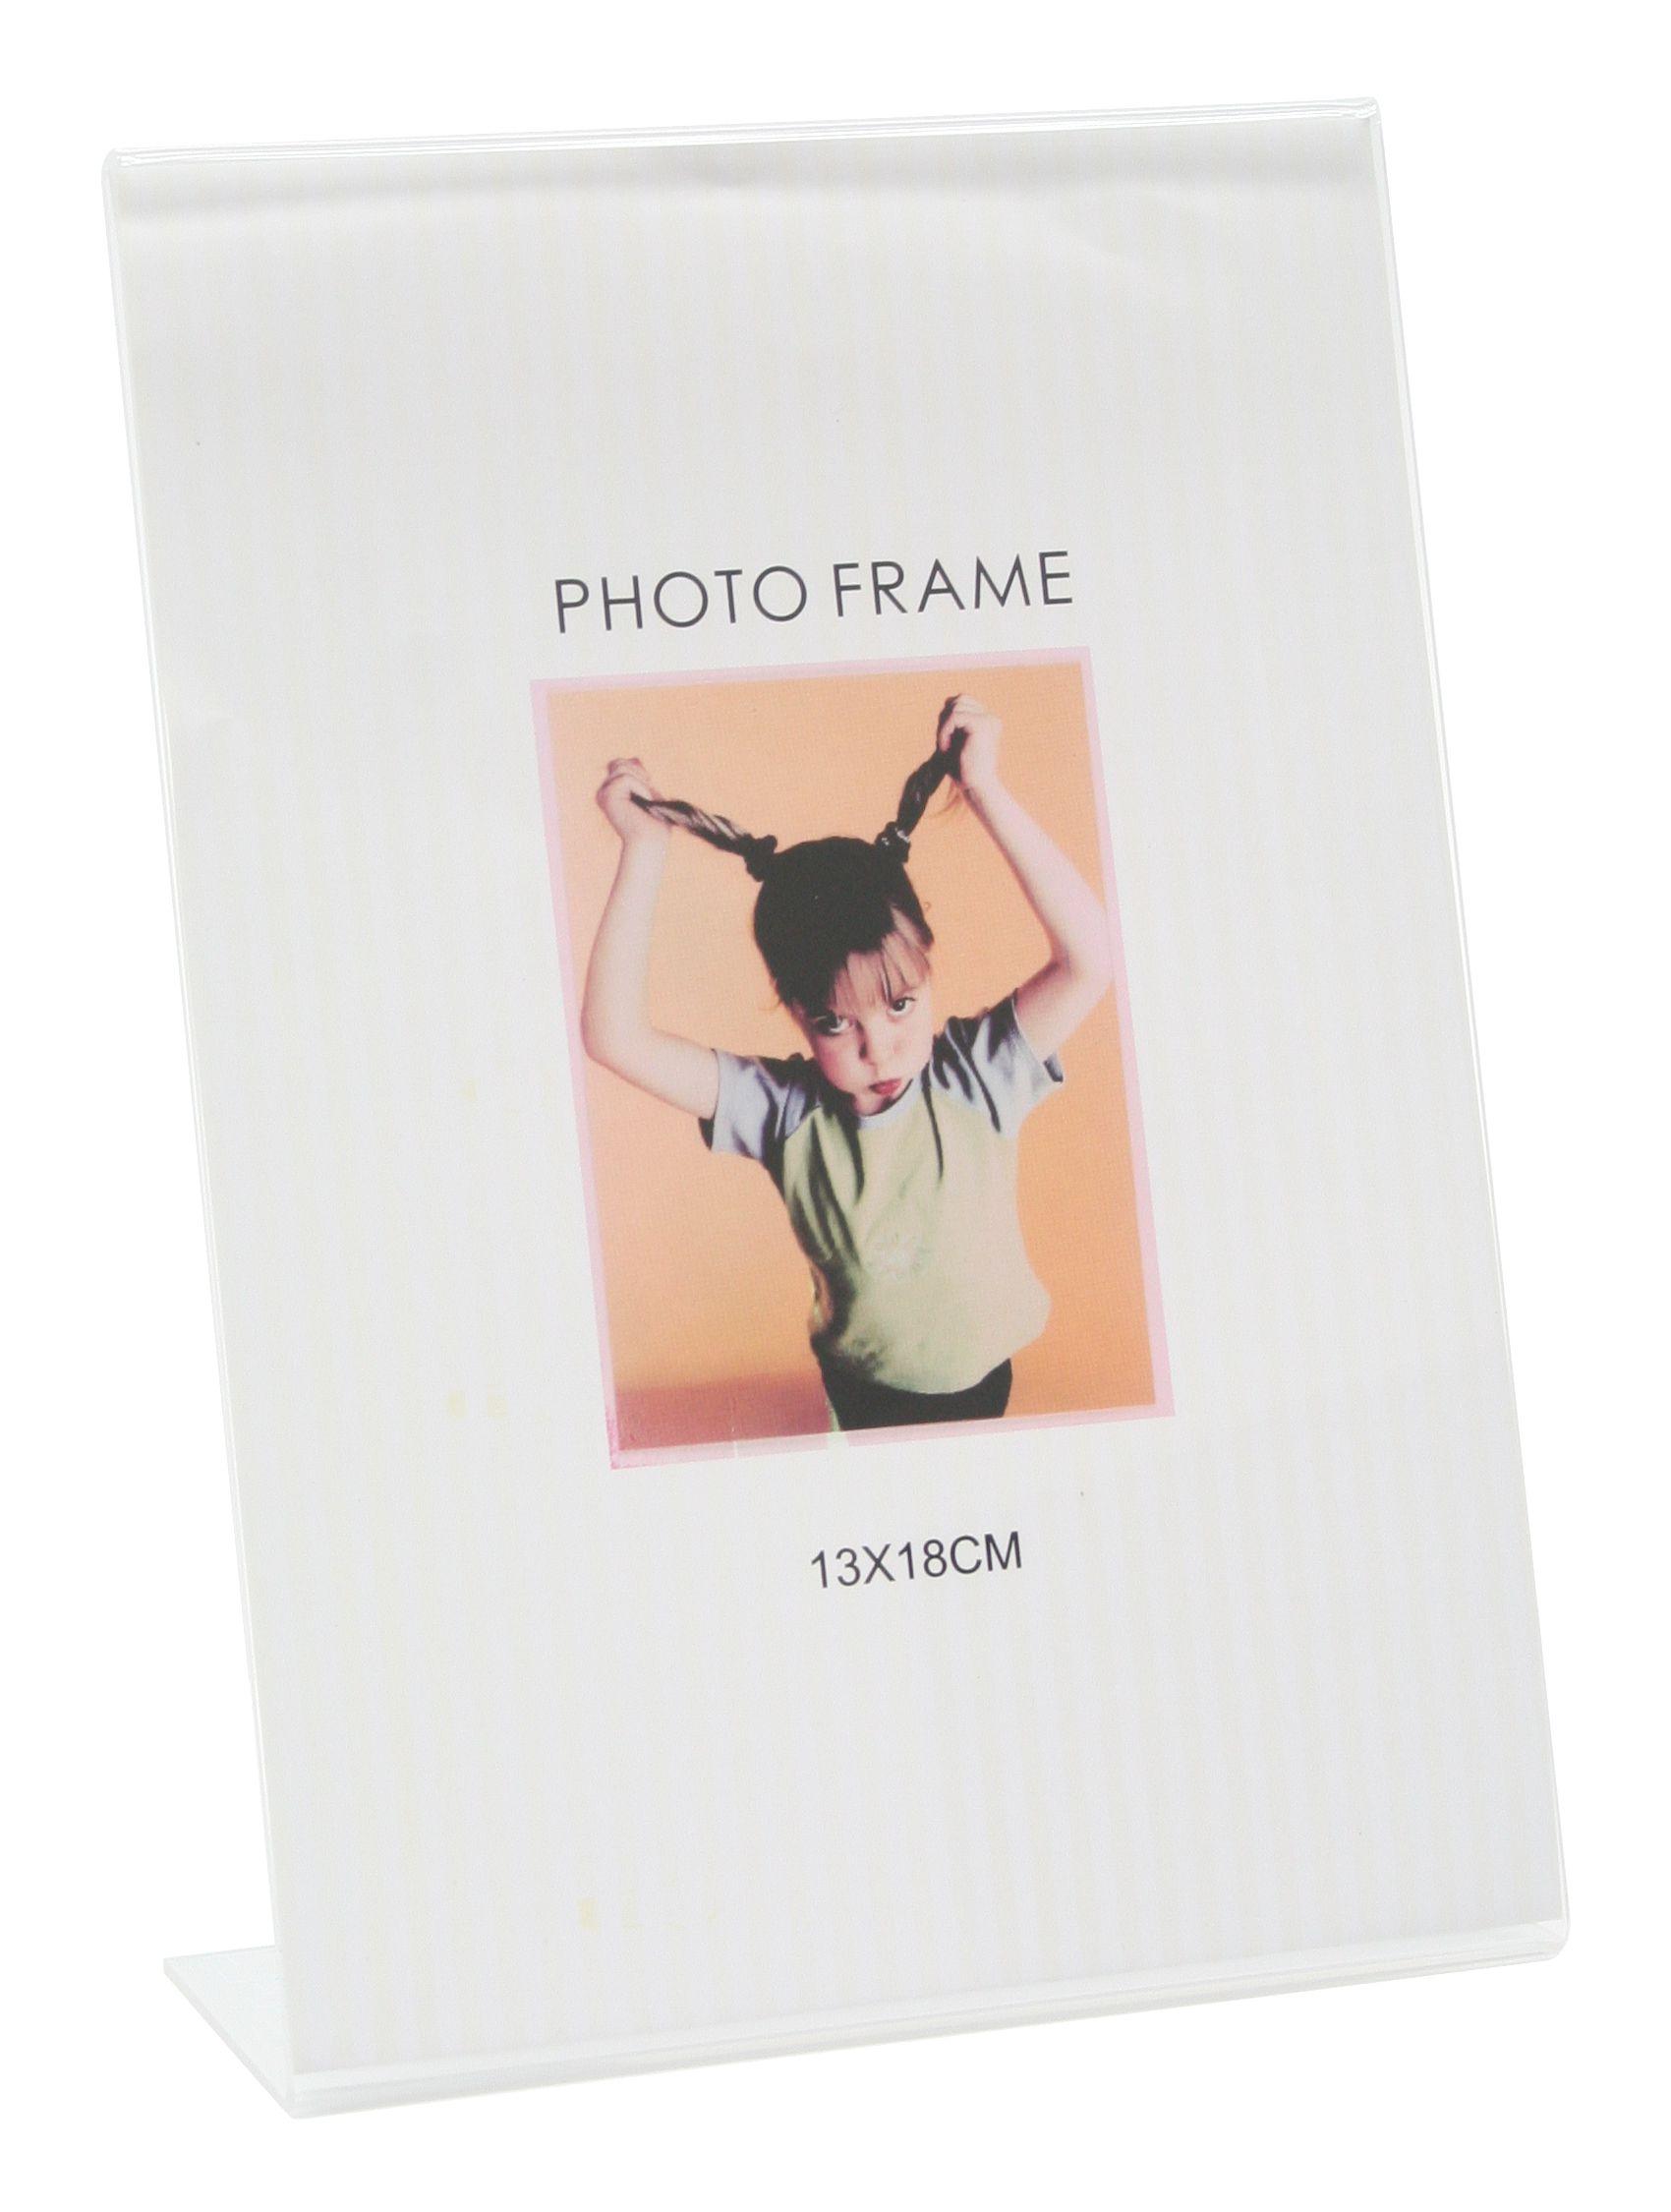 Kader met voet in kunststof voor een verticale foto S58RL1 V